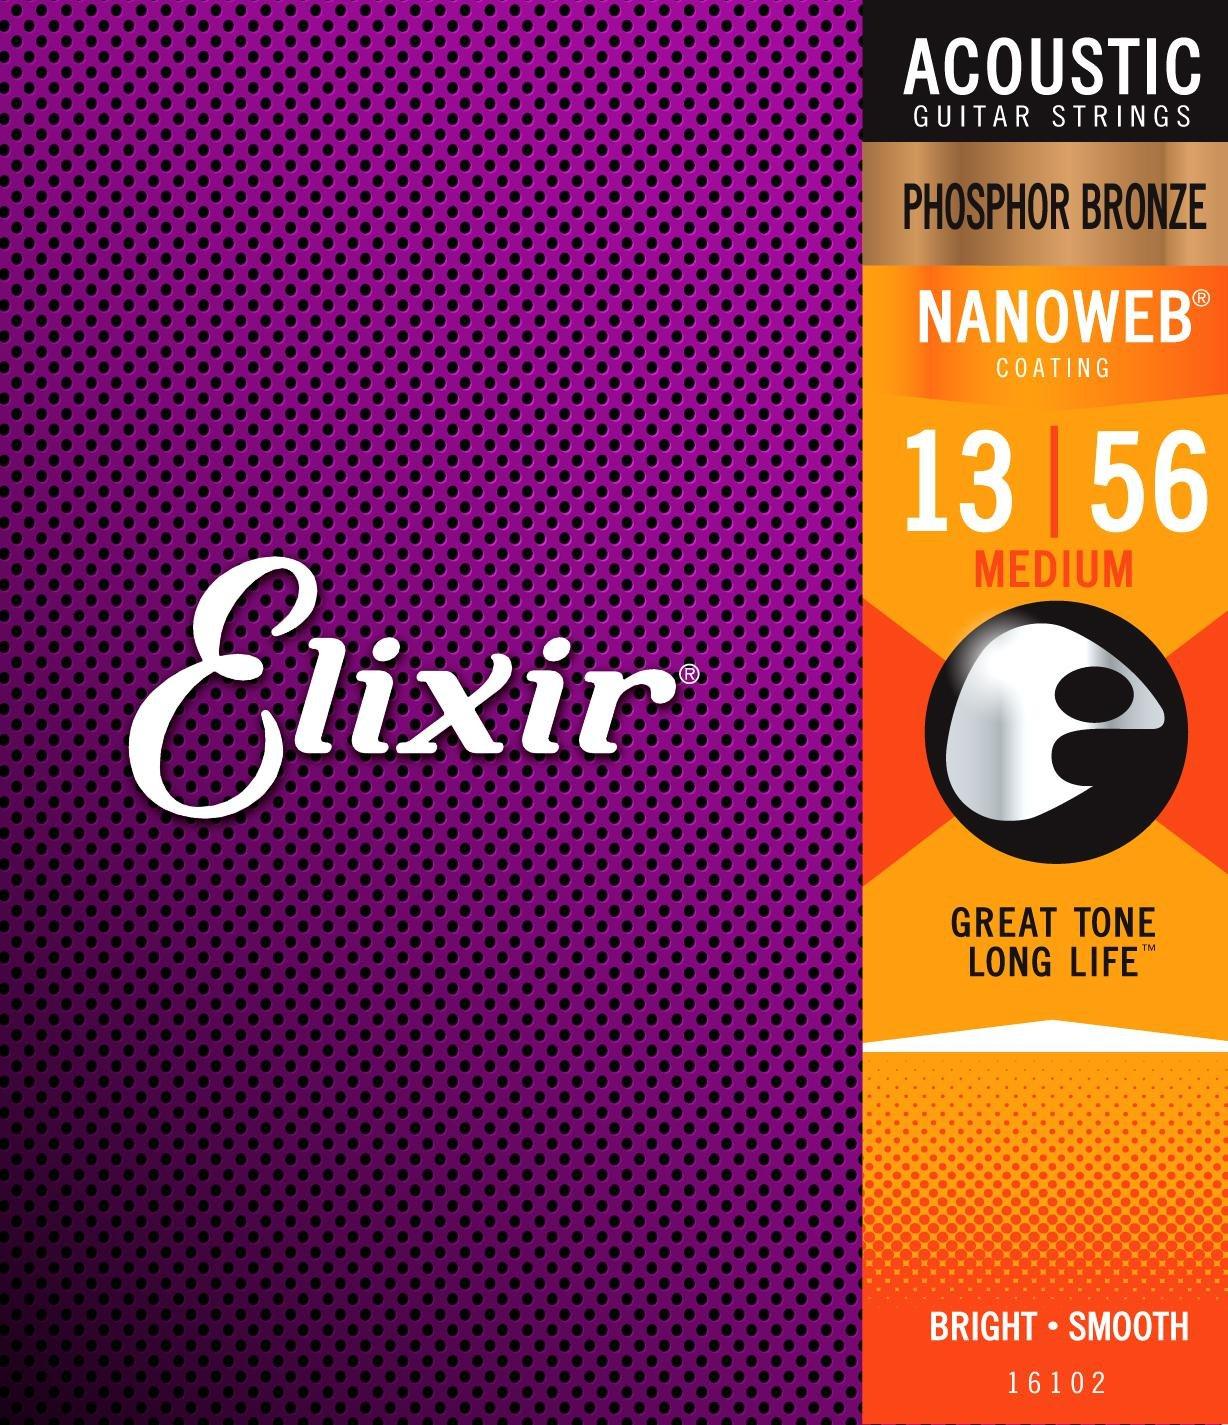 Elixir Acoustic 80/20 Bronze with Nanoweb Coating, Medium